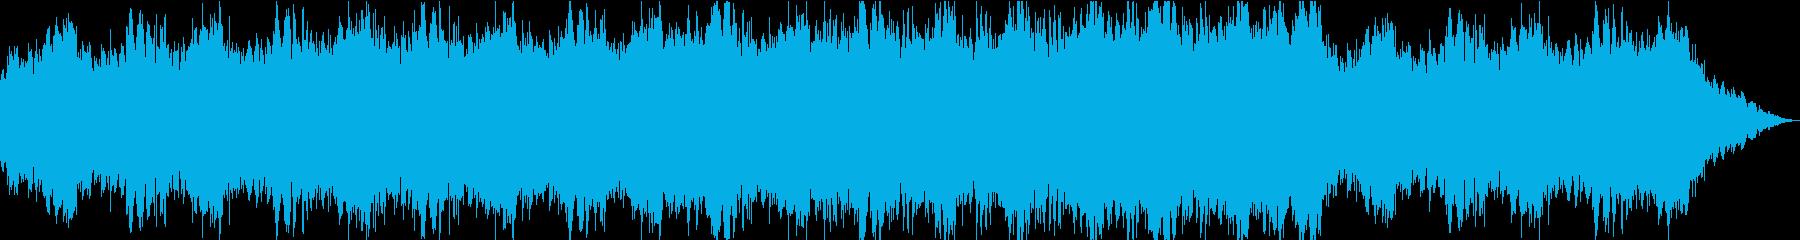 ピアノのアルペジオにドラマを感じるBGMの再生済みの波形